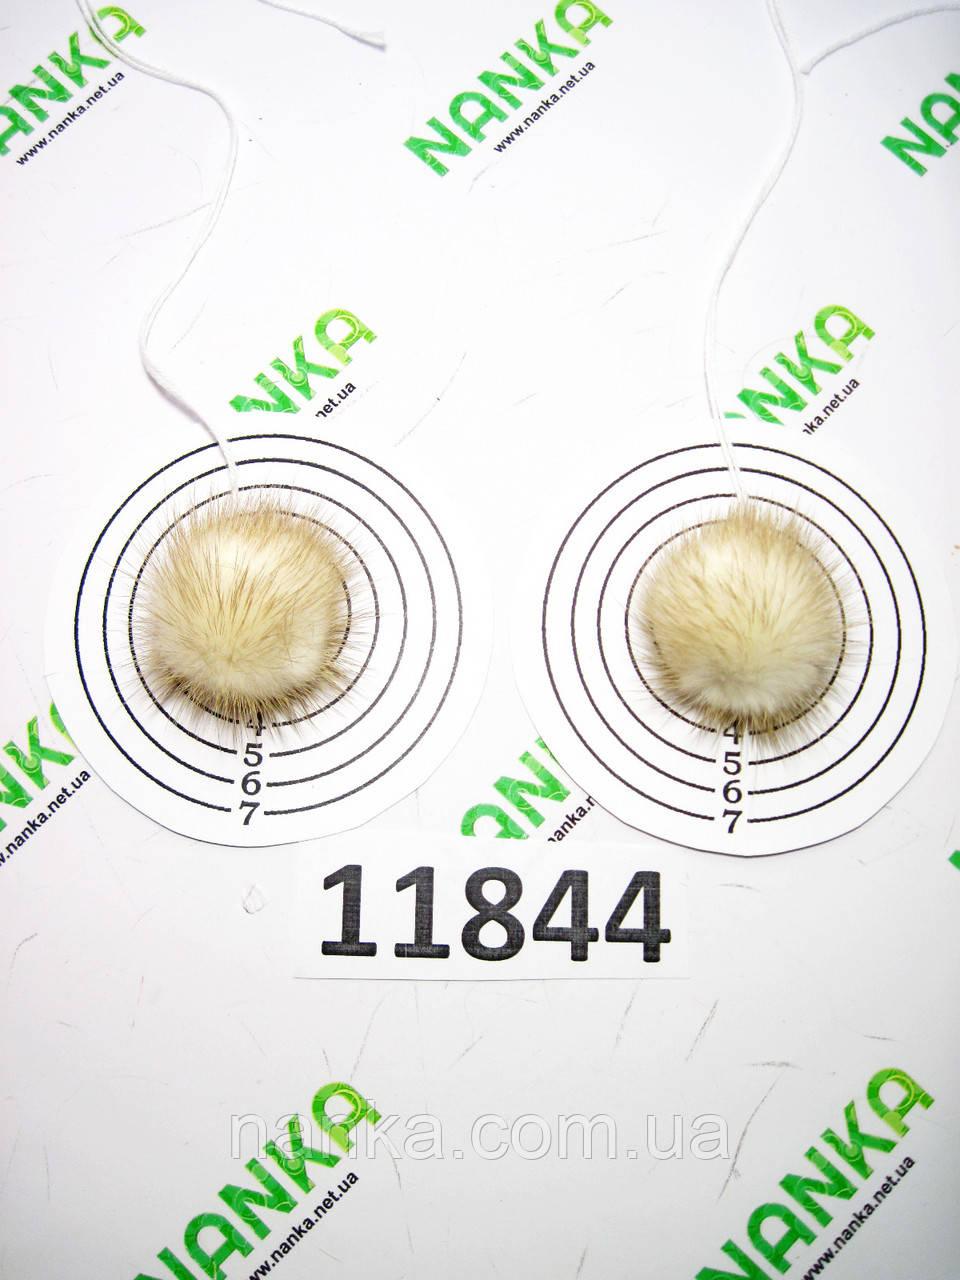 Меховой помпон Норка, Крем с з/к, 3 см, пара 11844